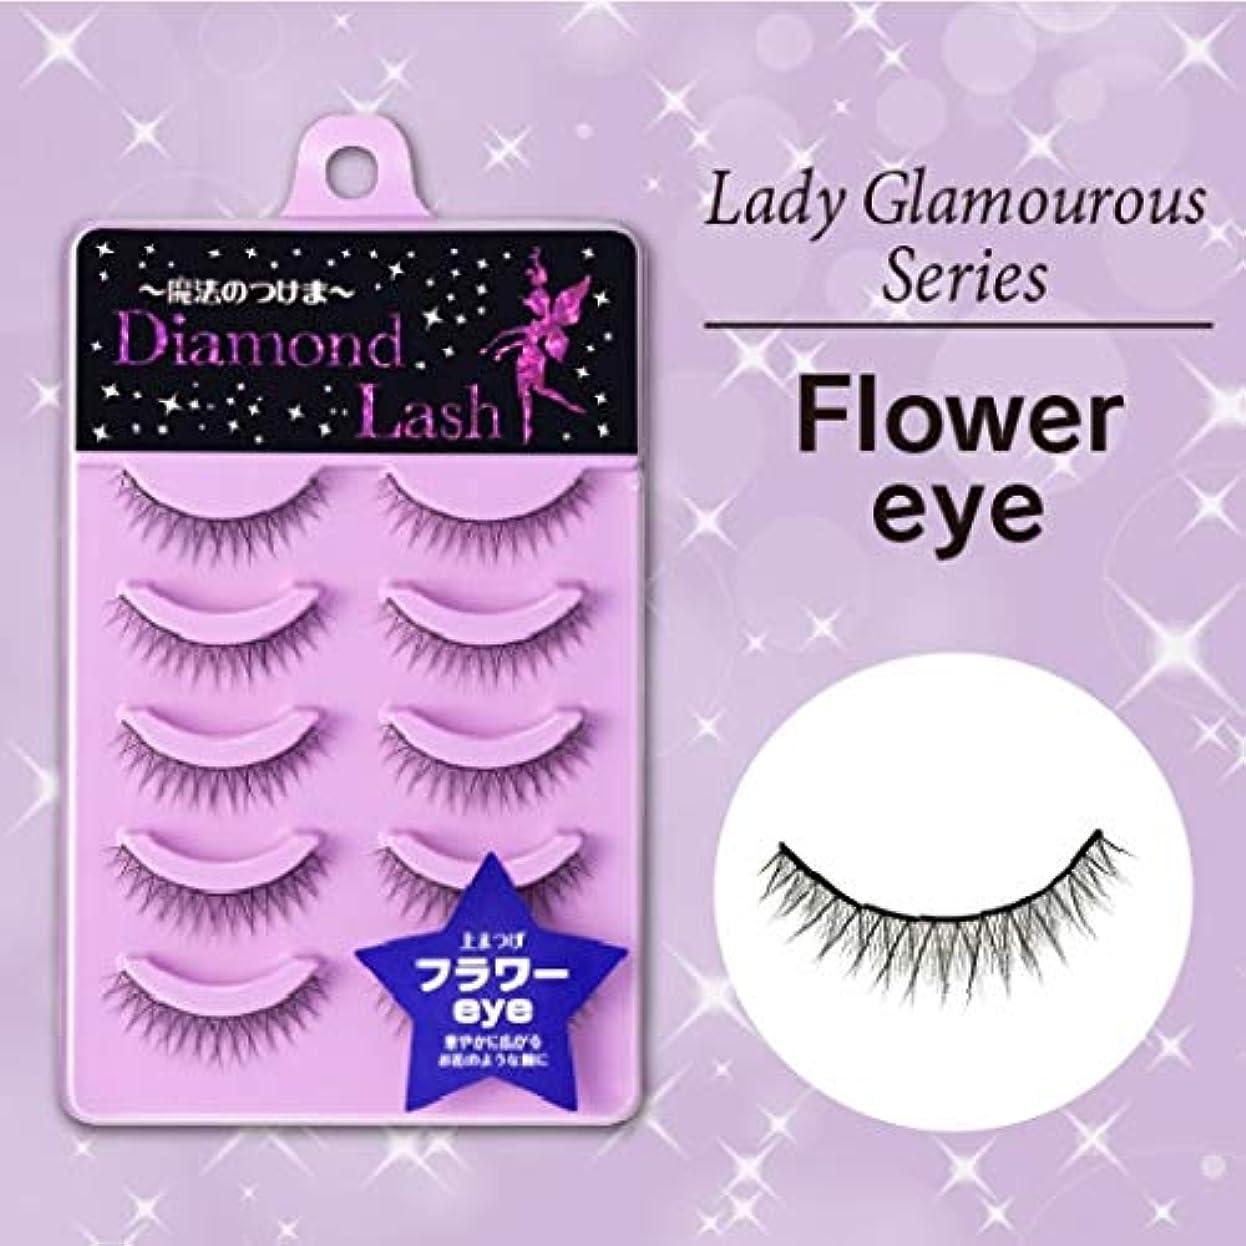 拒絶レンダーおっとDiamond Lash(ダイヤモンドラッシュ) レディグラマスシリーズ フラワーeye